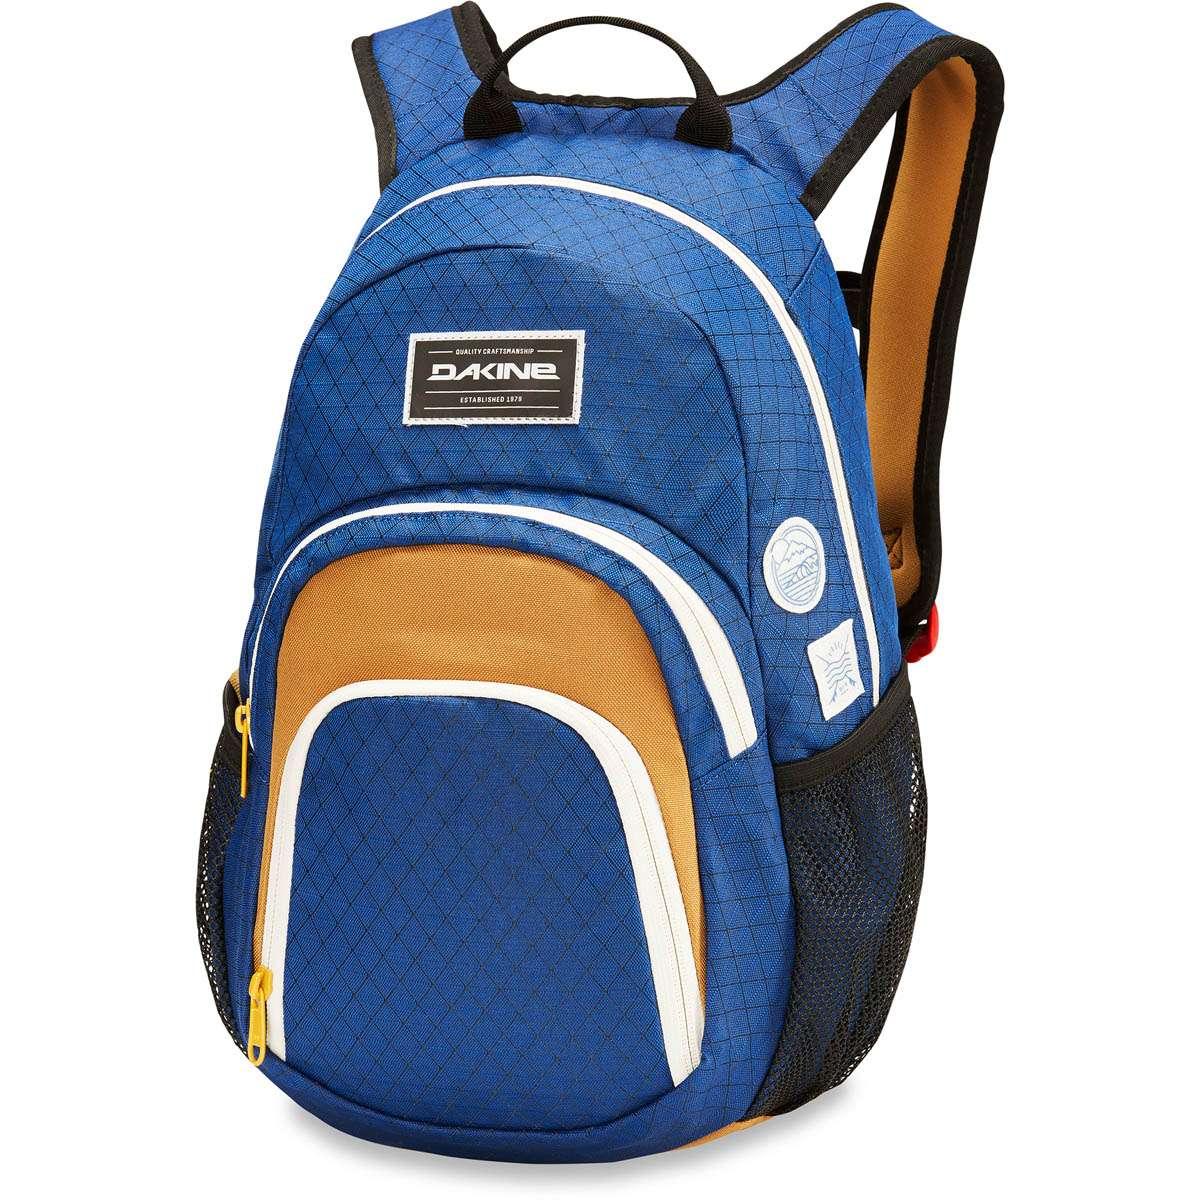 e84e67da2b7 Dakine Campus Mini 18L Backpack Scout | Dakine Shop